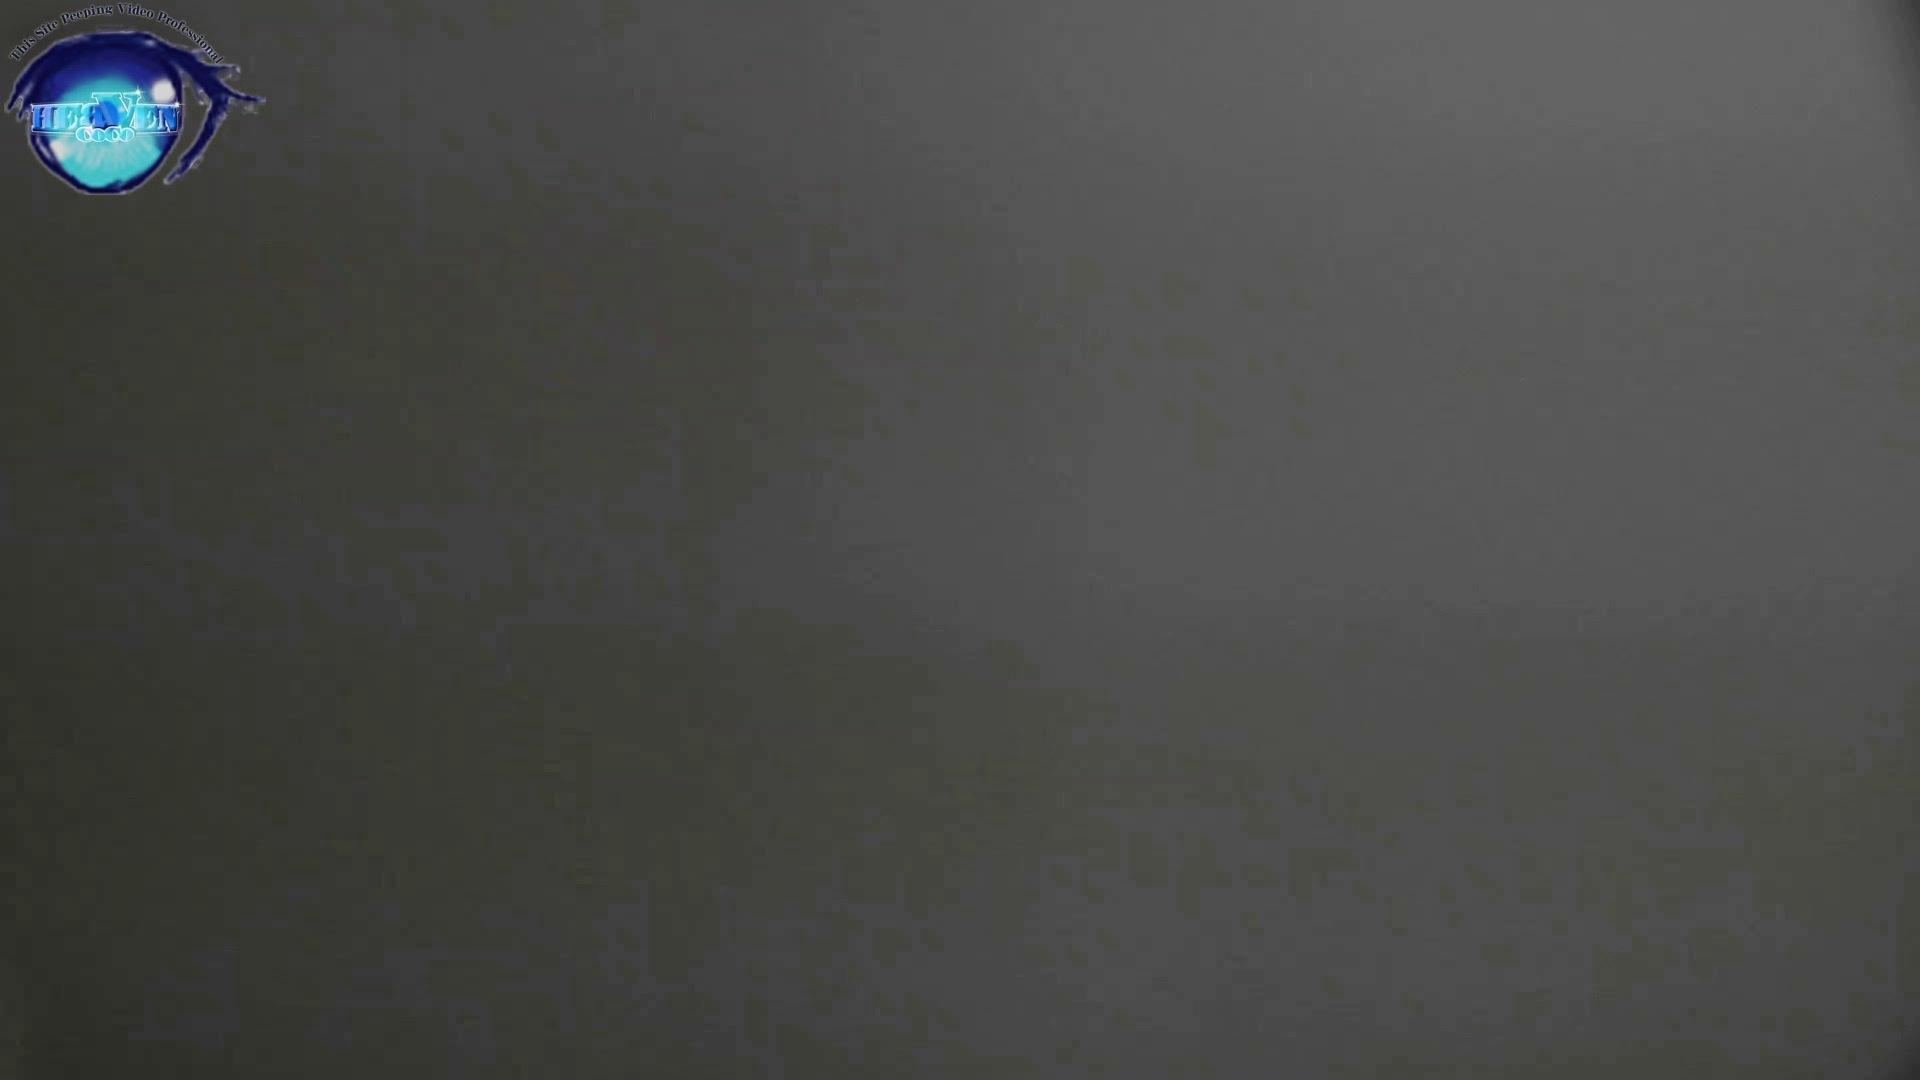 お銀さん vol.59 ピンチ!!「鏡の前で祈る女性」にばれる危機 前編 OLセックス   0  86画像 55